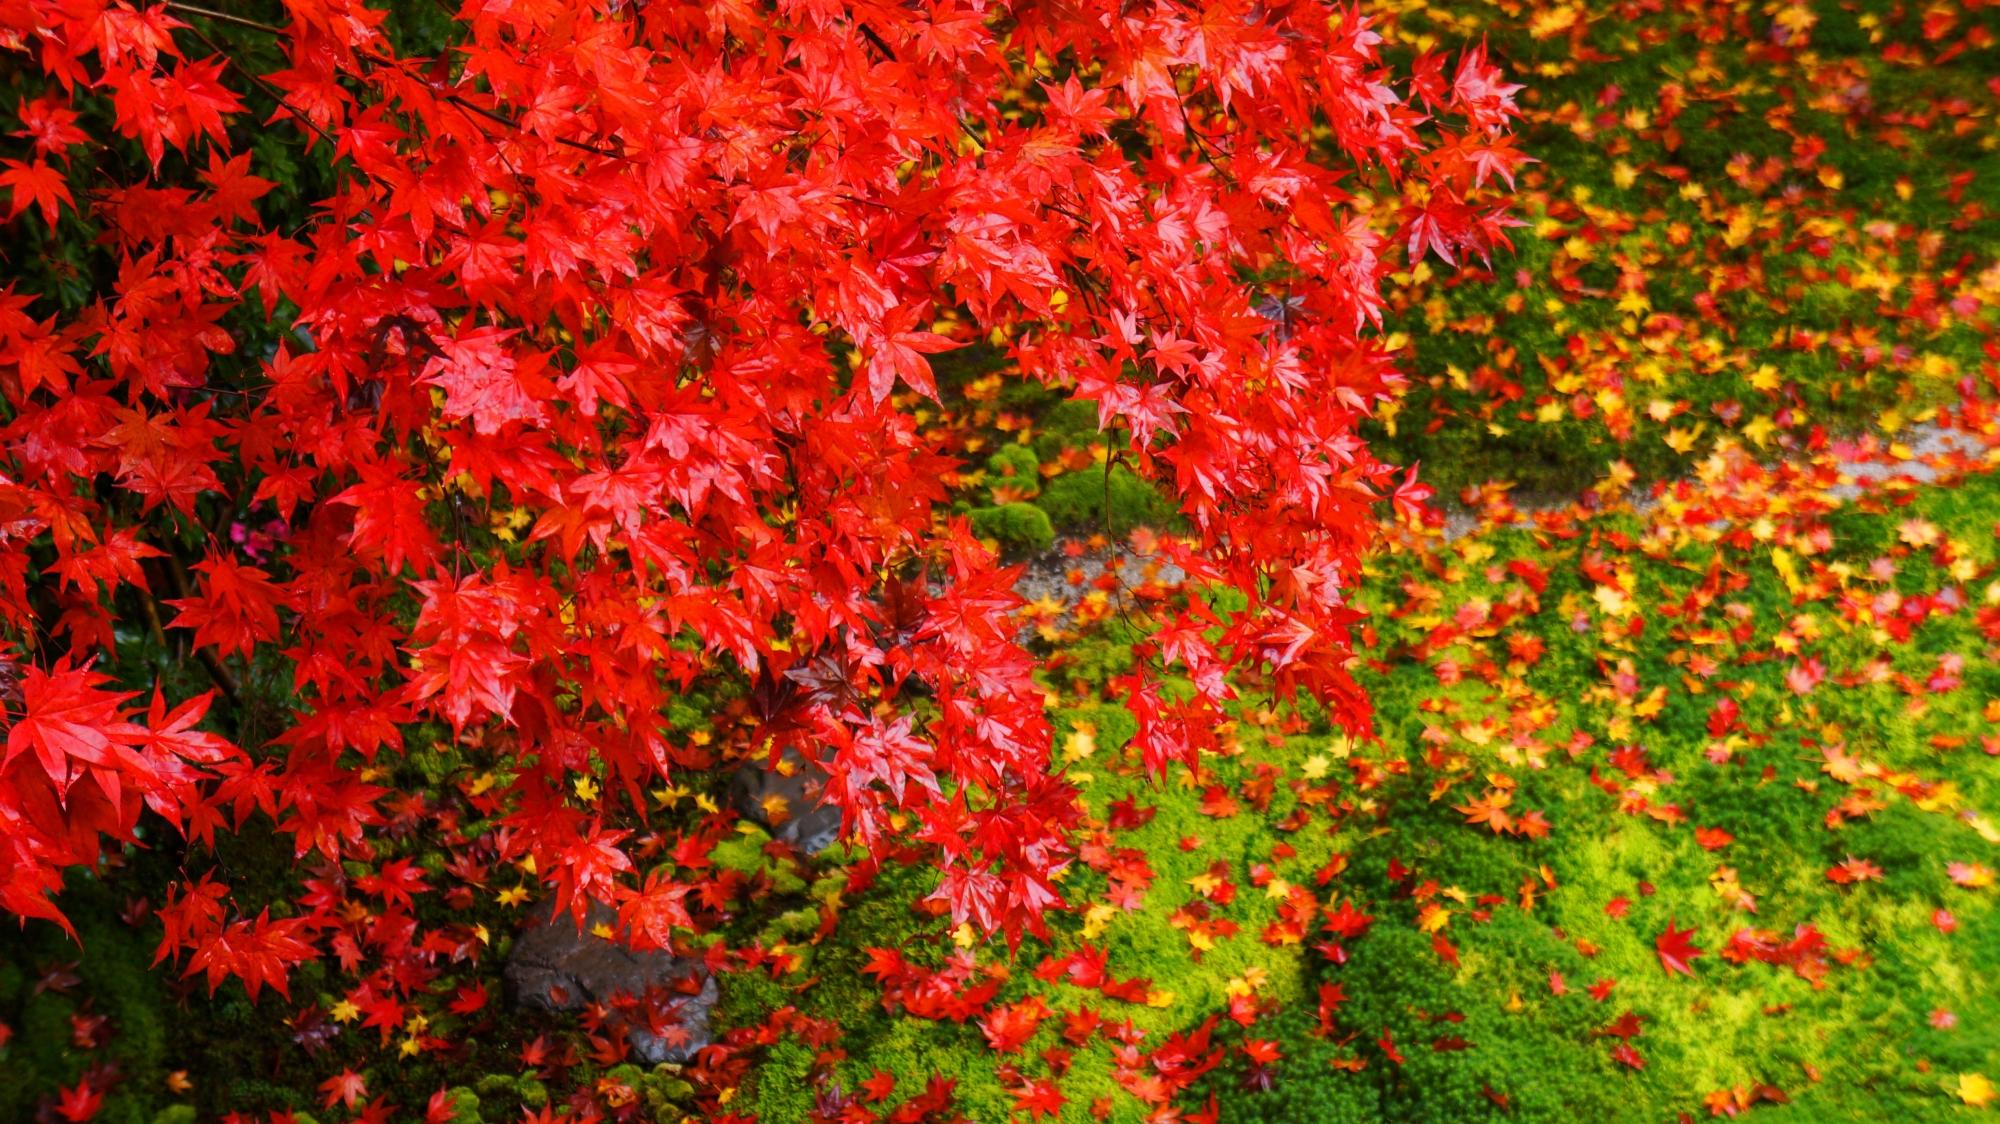 書院二階より眺めた瑠璃の庭の最高に色づいた真っ赤な紅葉